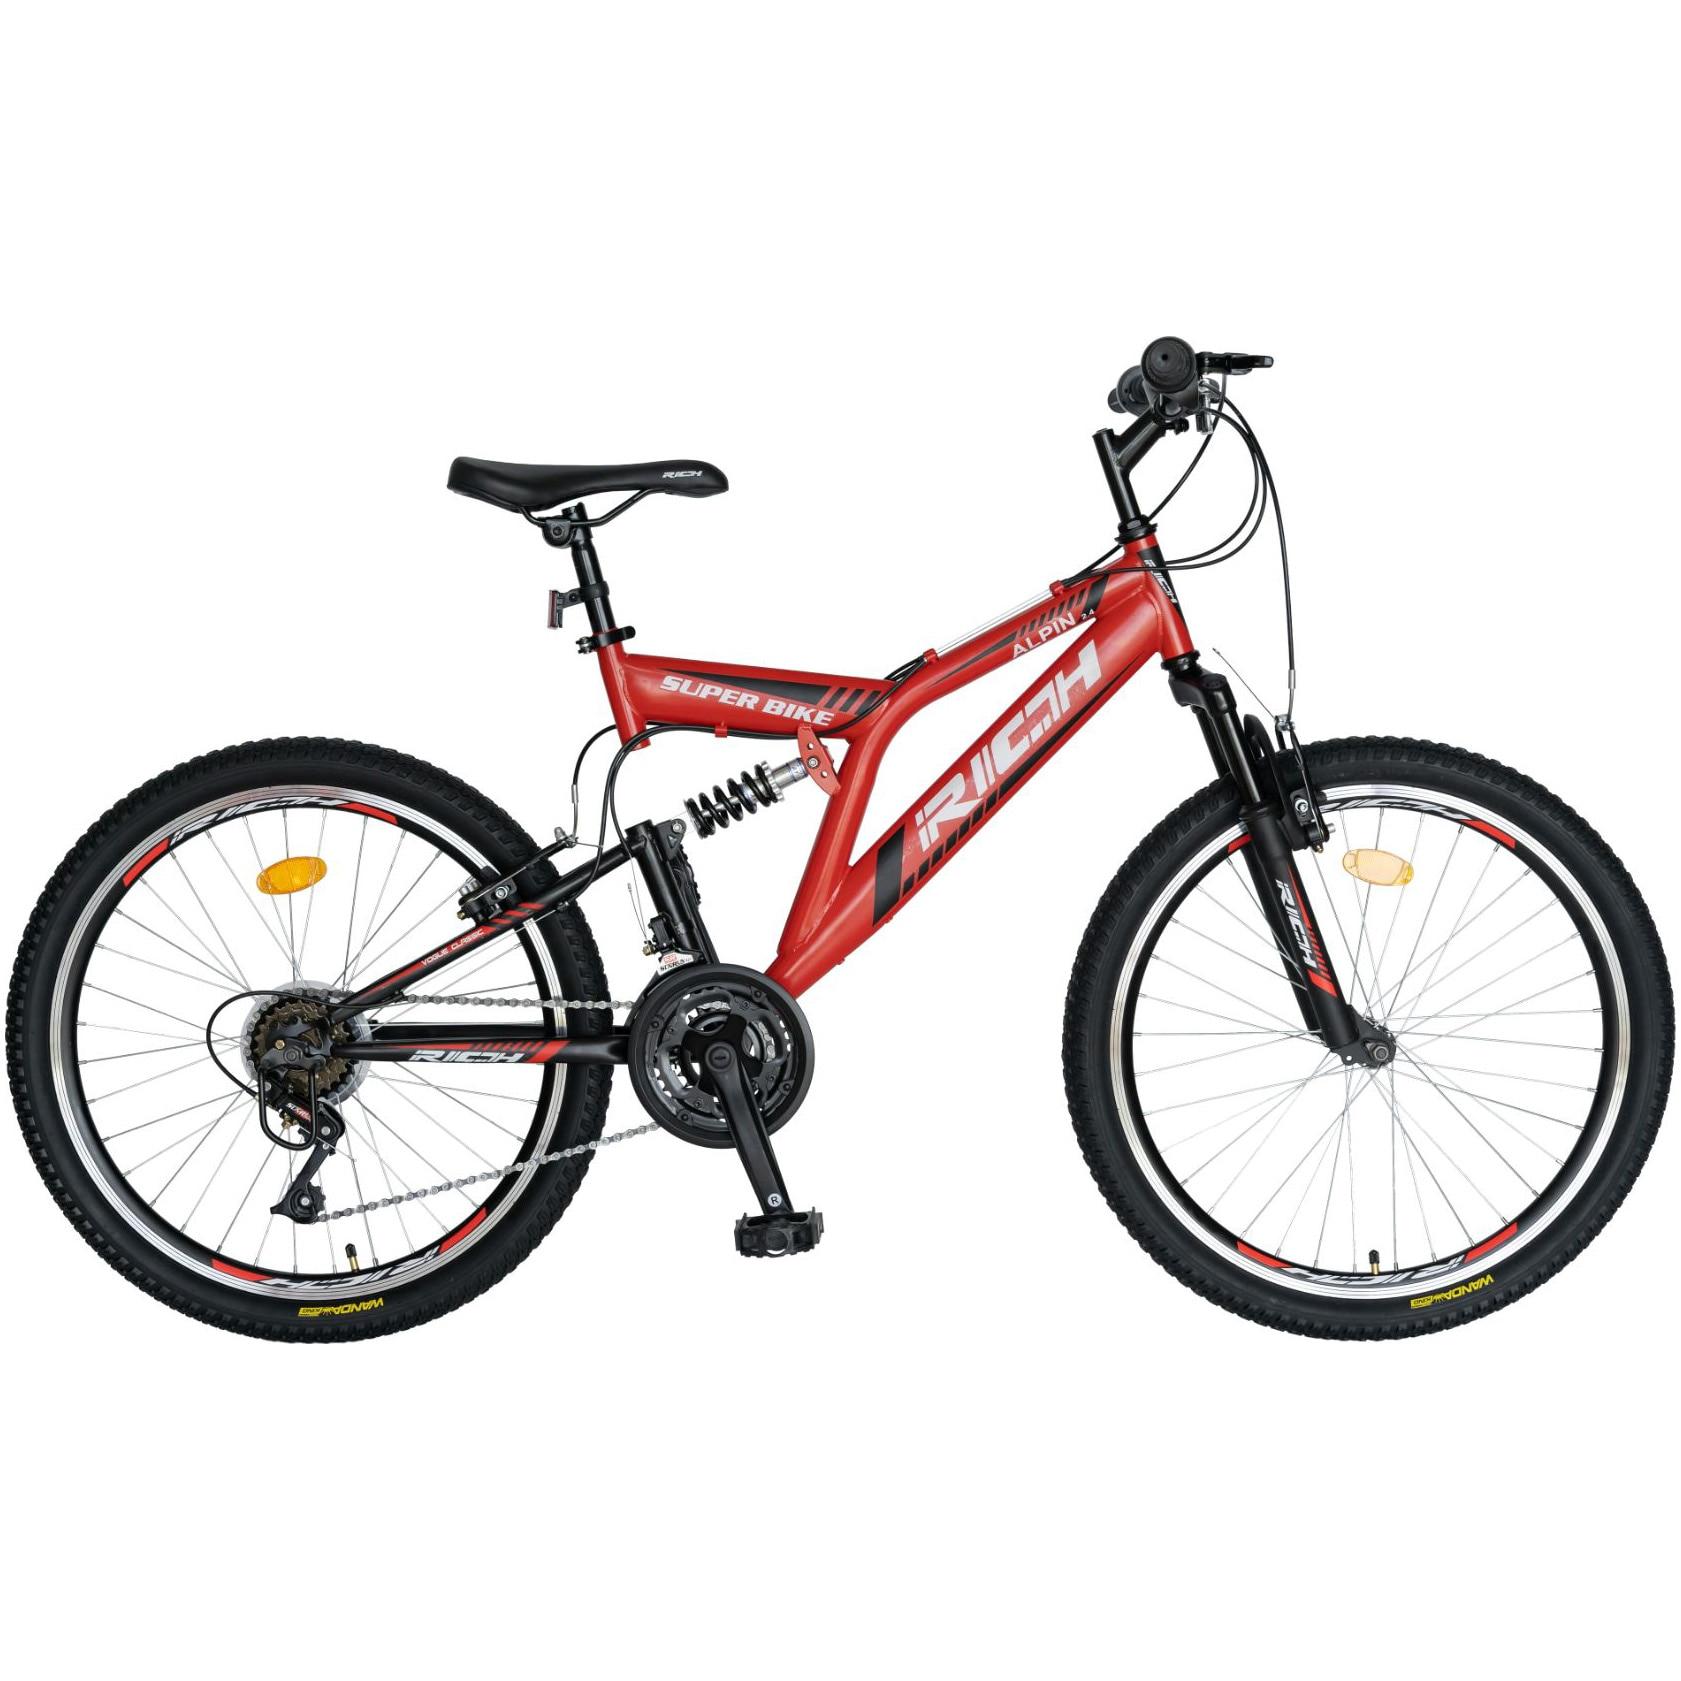 Fotografie Bicicleta MTB Rich Alpin R2449, suspensie fata/spate, roata 24 inch, frana tip V-Brake, 18 Viteze, Rosu/Negru